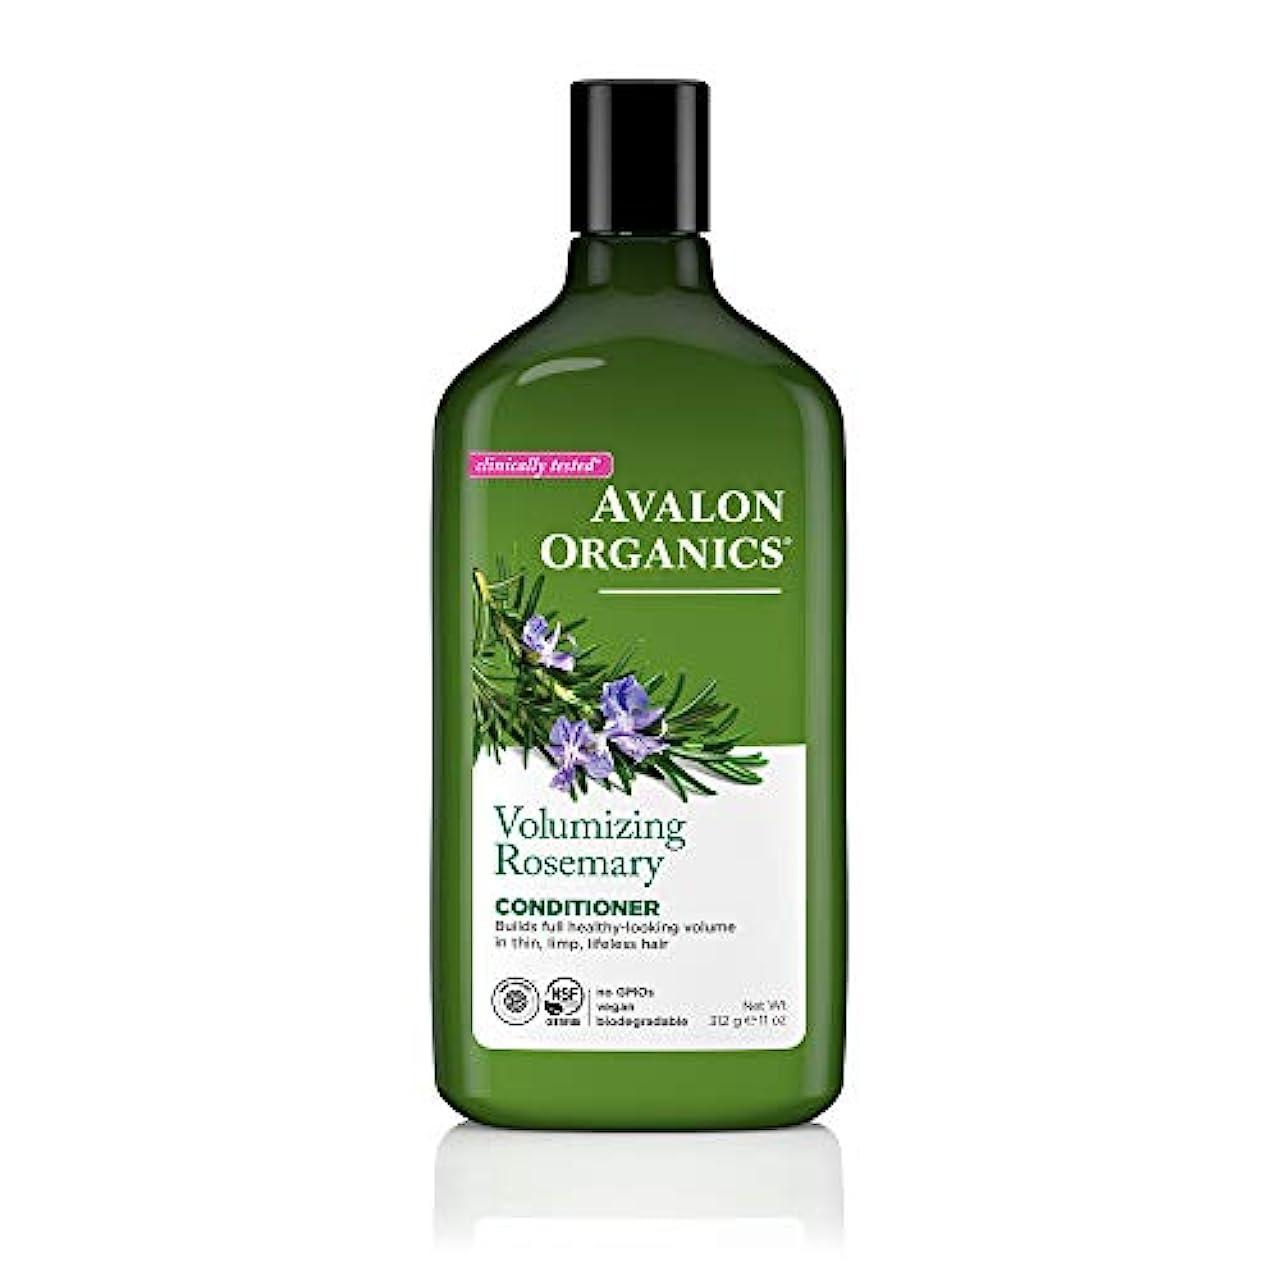 言う火素晴らしいですアバロンオーガニック(Avalon Organics) ローズマリー コンディショナー 325ml